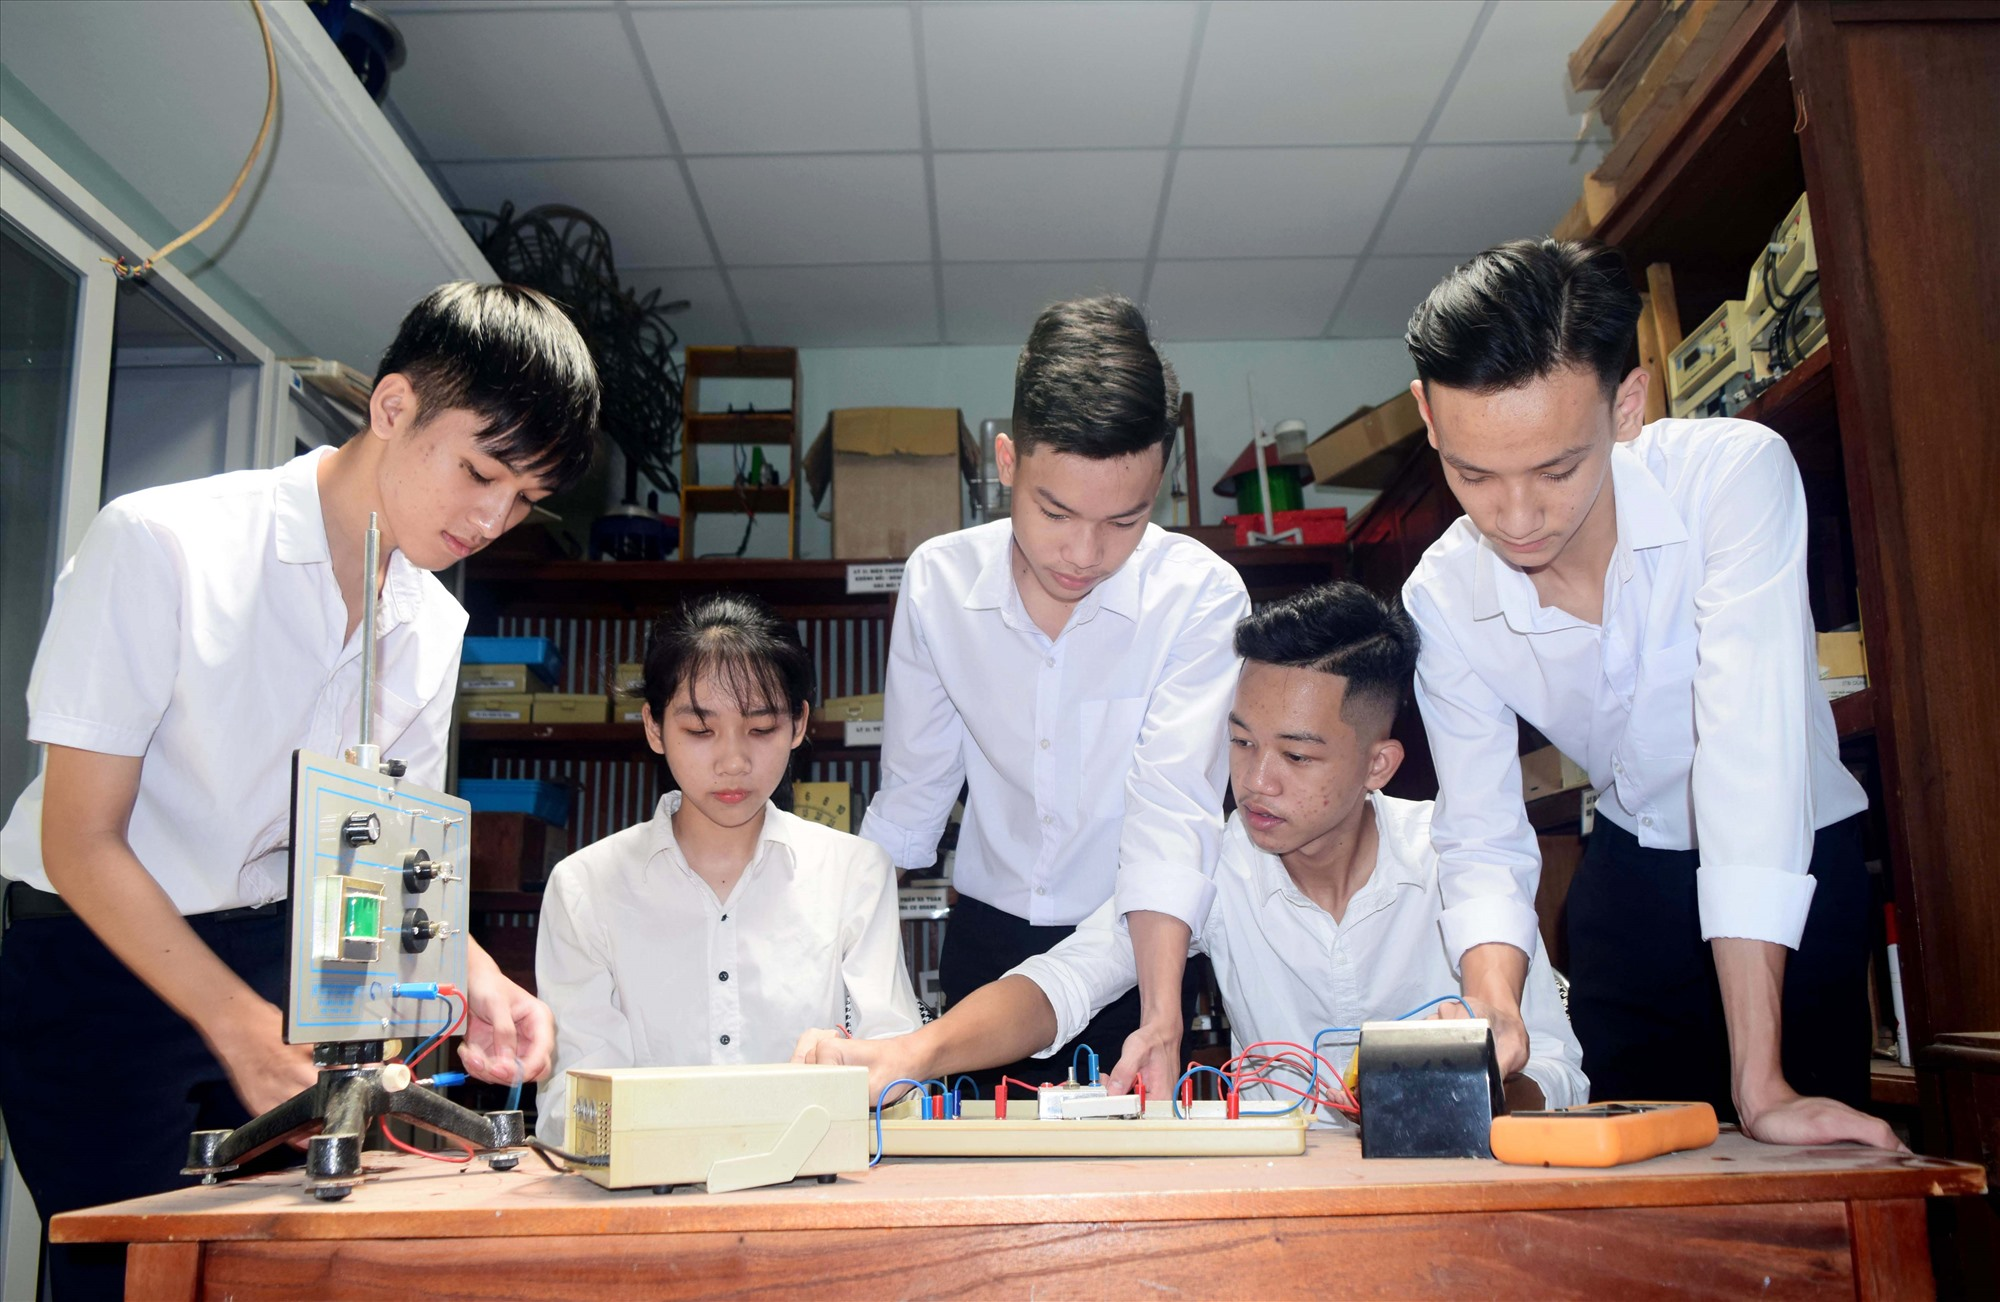 """Nhóm học sinh Trường THPT Cao Bá Quát (Núi Thành) nghiên cứu, sáng tạo """"Hệ thống chuồng gà thông minh ứng dụng Internet of Thing"""". Ảnh: THÁI CƯỜNG"""